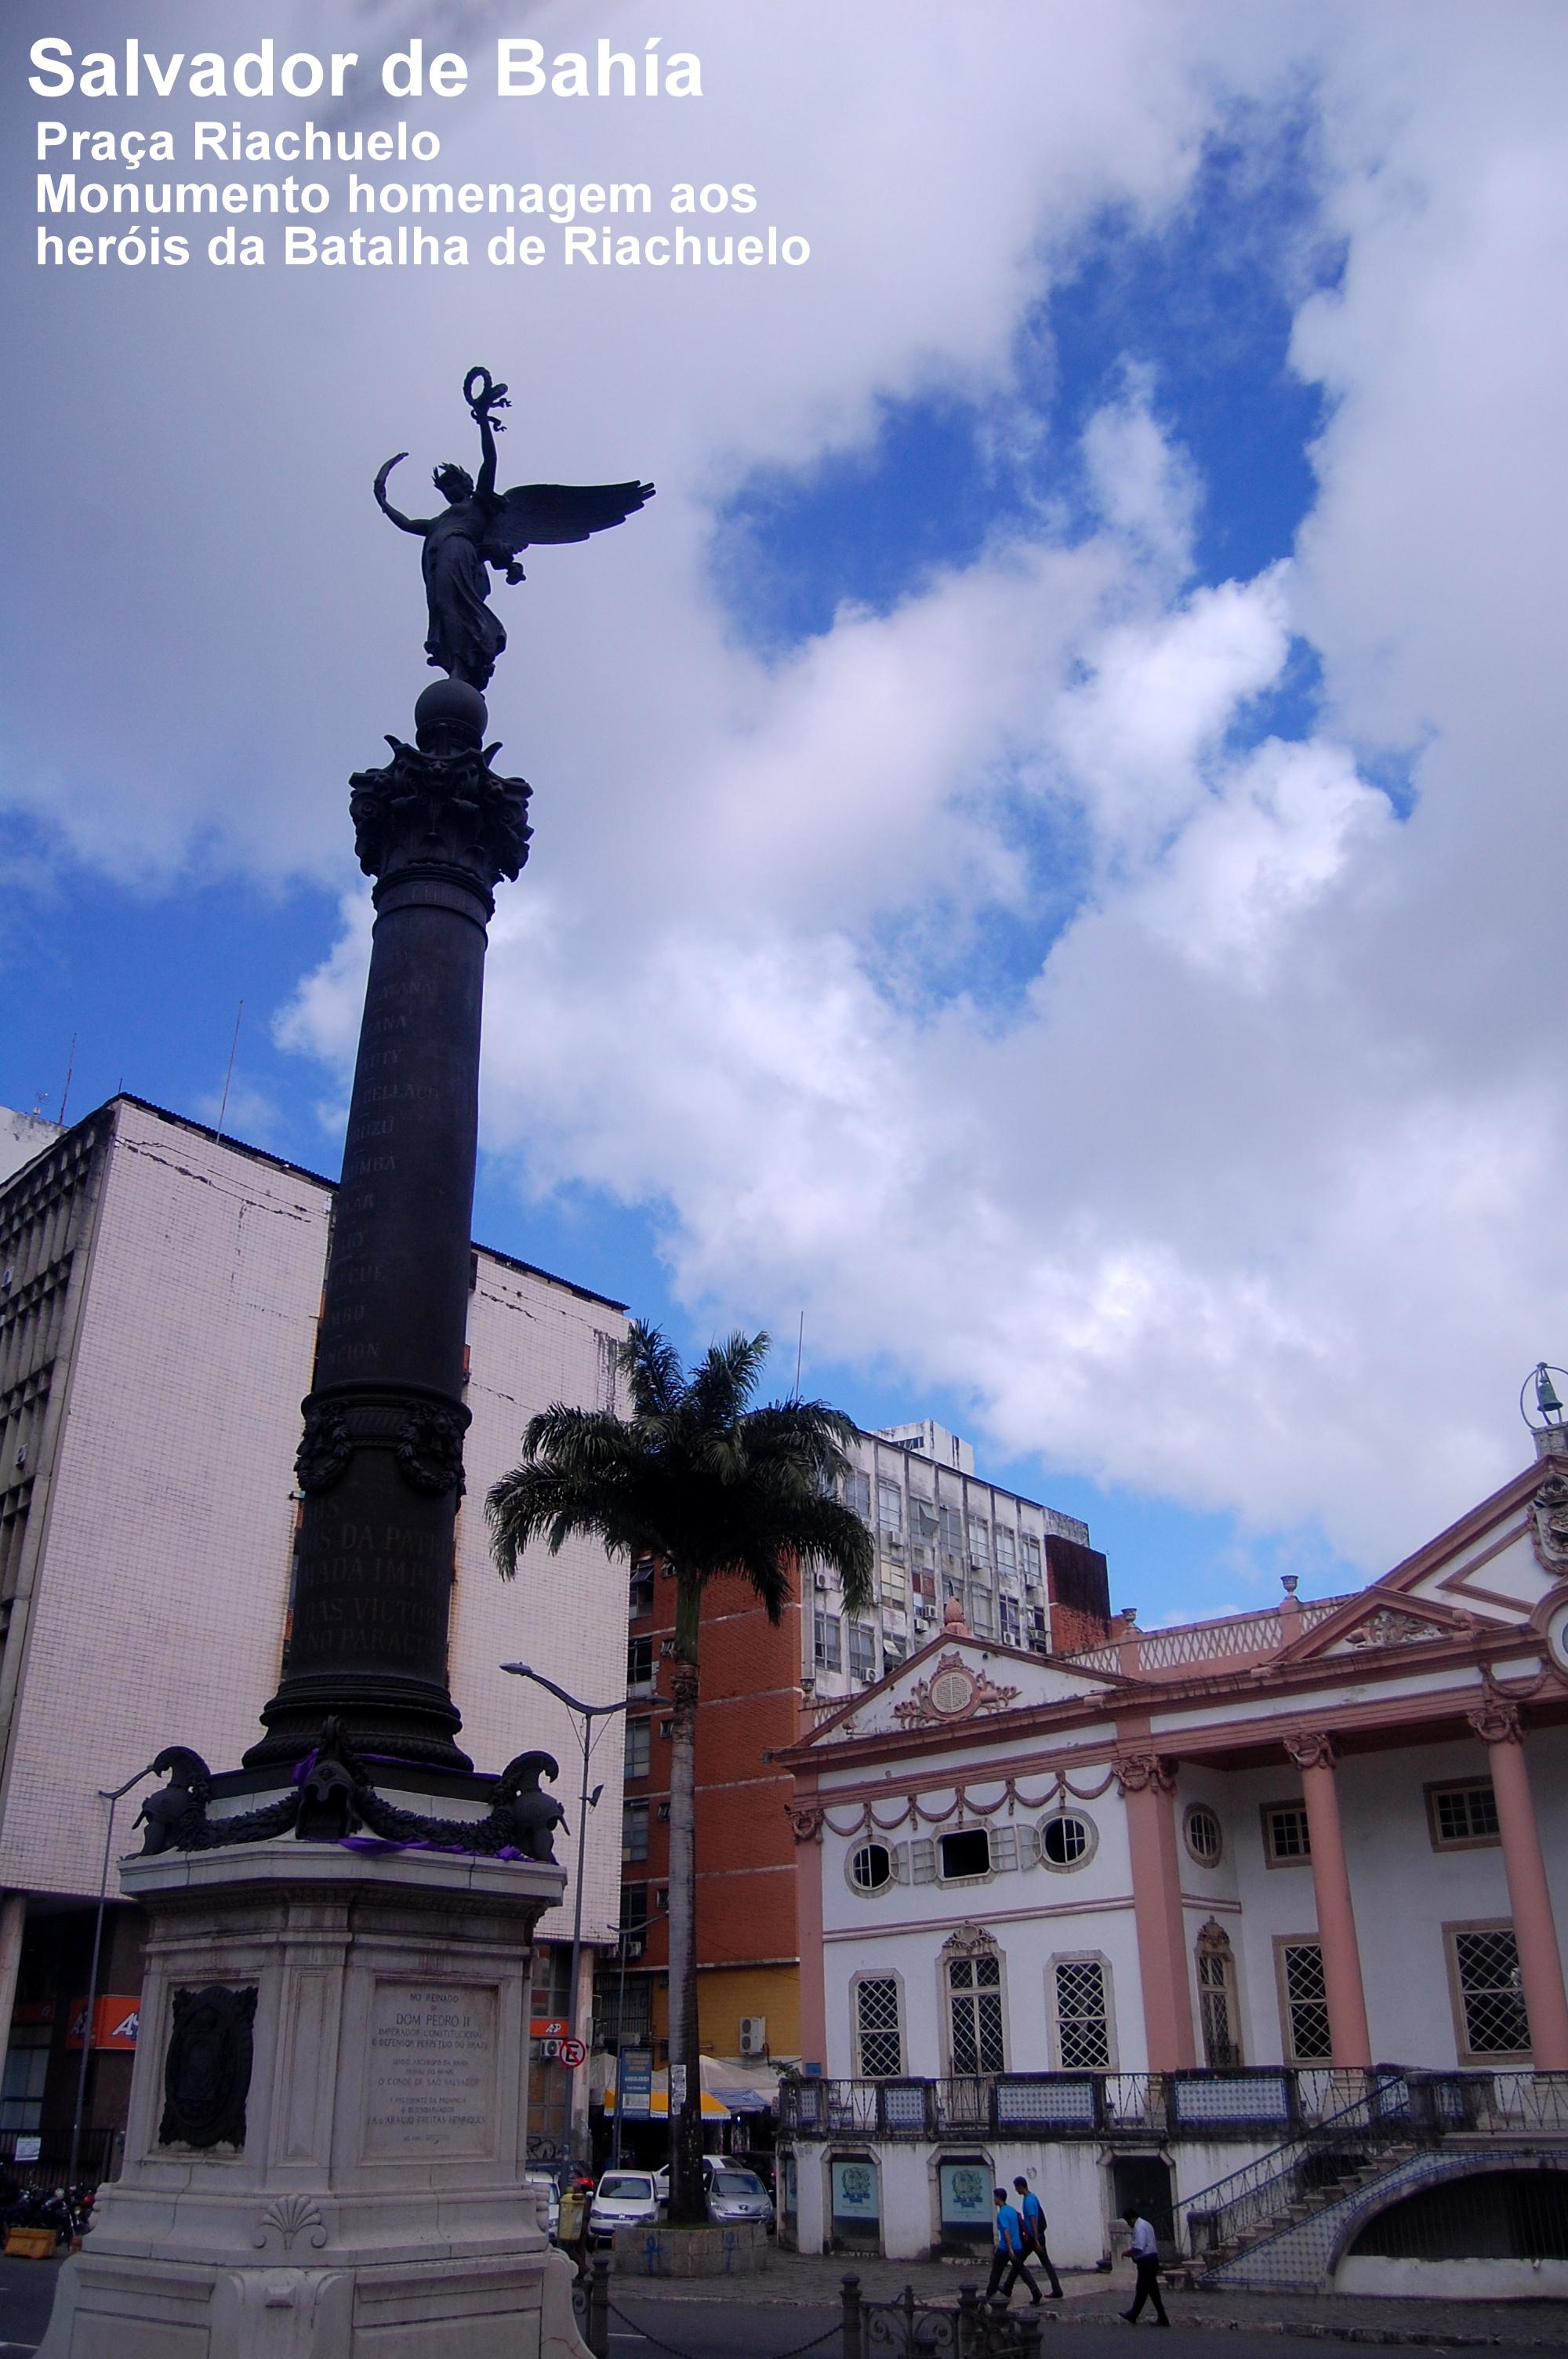 443136868 Praça Riachuelo - Salvador